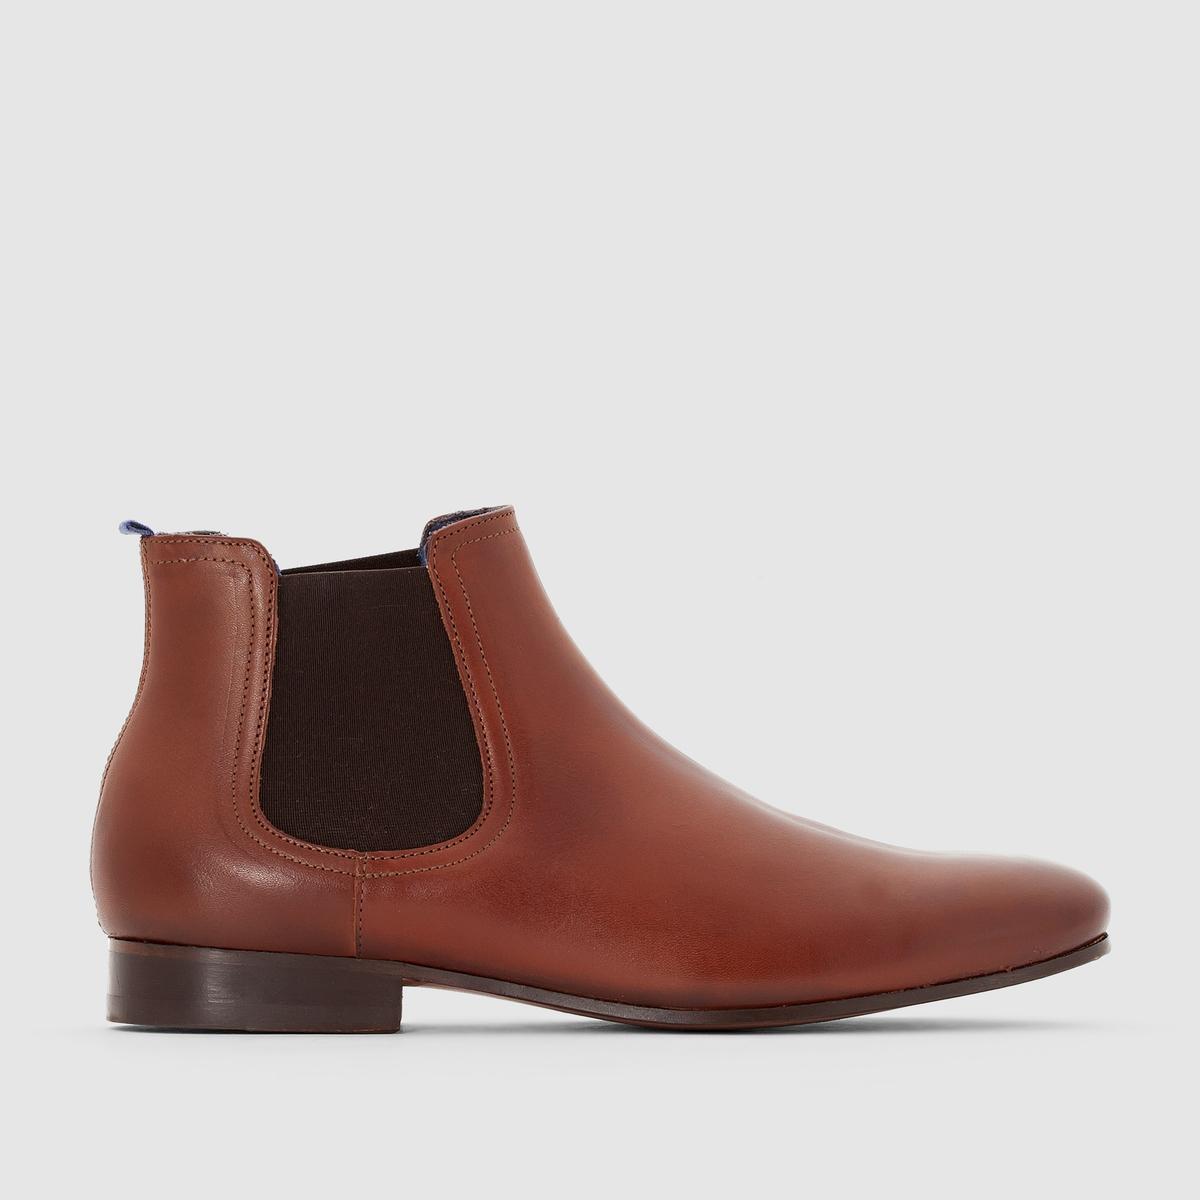 Ботинки в стиле челси Item